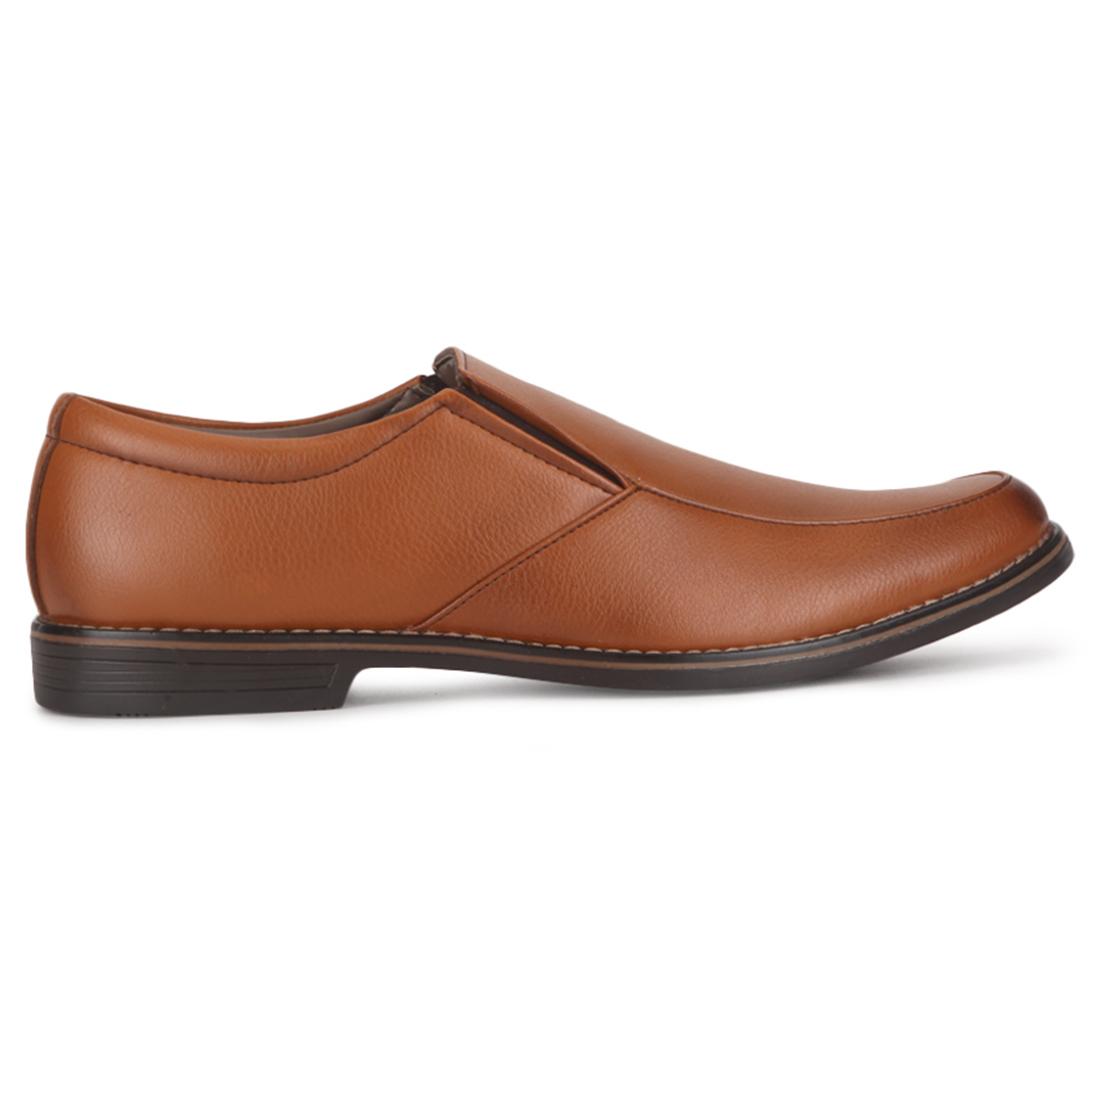 Mens Formal Slip On Dress Shoes